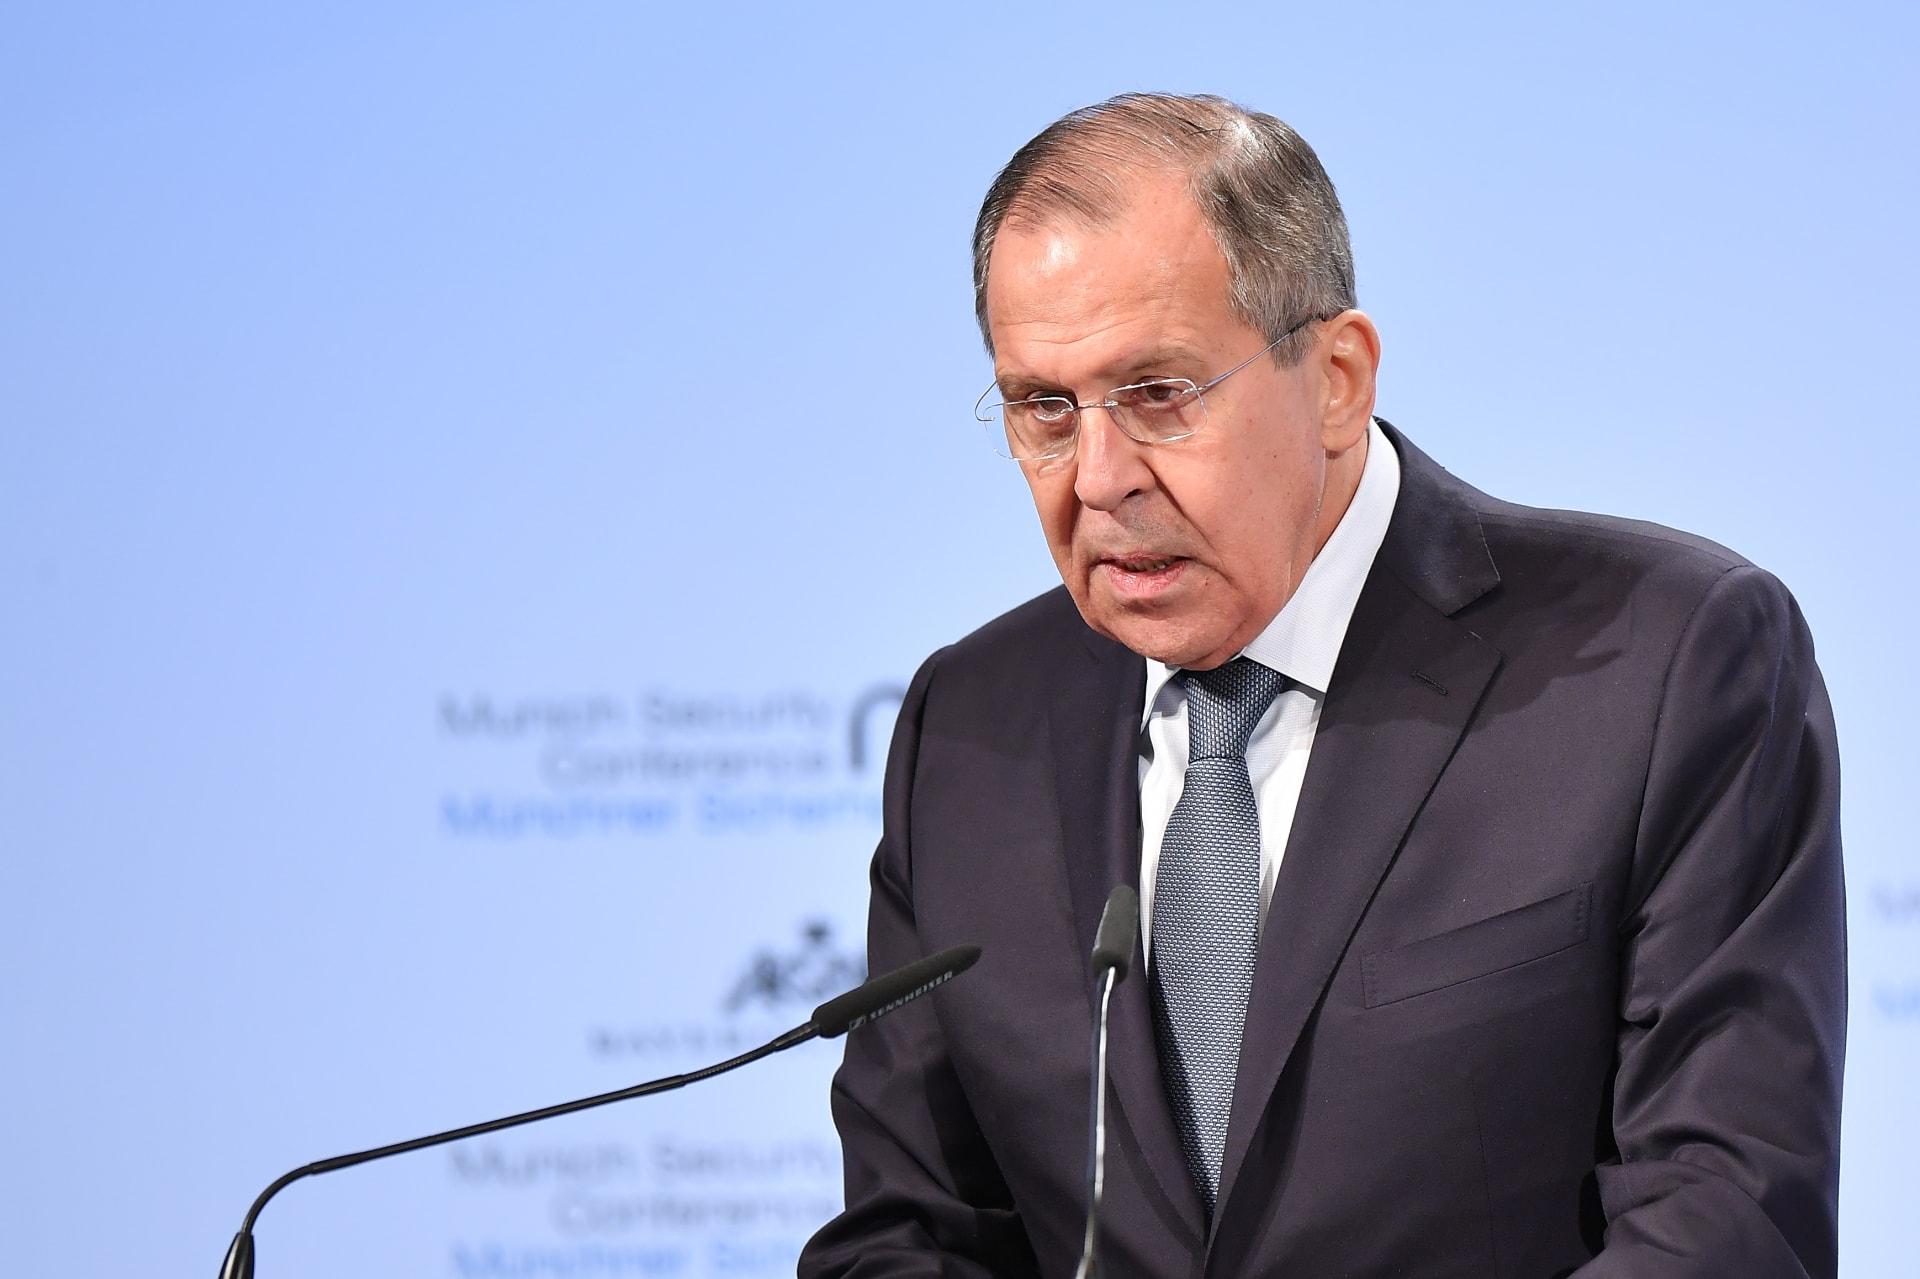 لافروف: على أمريكا ألا تلعب بالنار في الساحة السورية